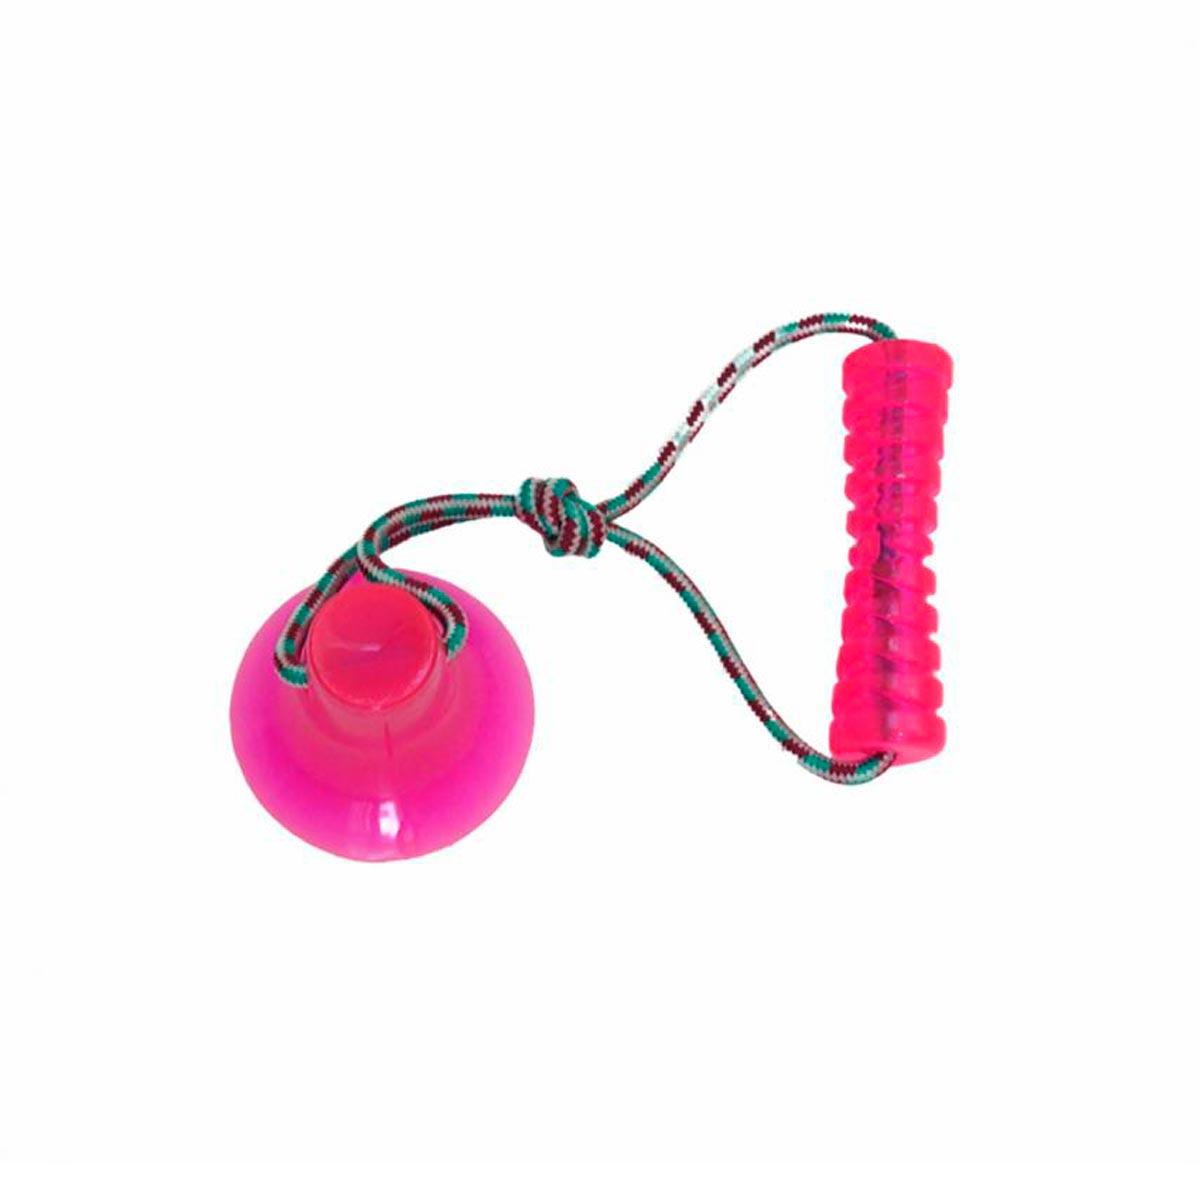 Brinquedo para Cachorro Cabo de Guerra com Ventosa Bite Toy Petmaxx Rosa